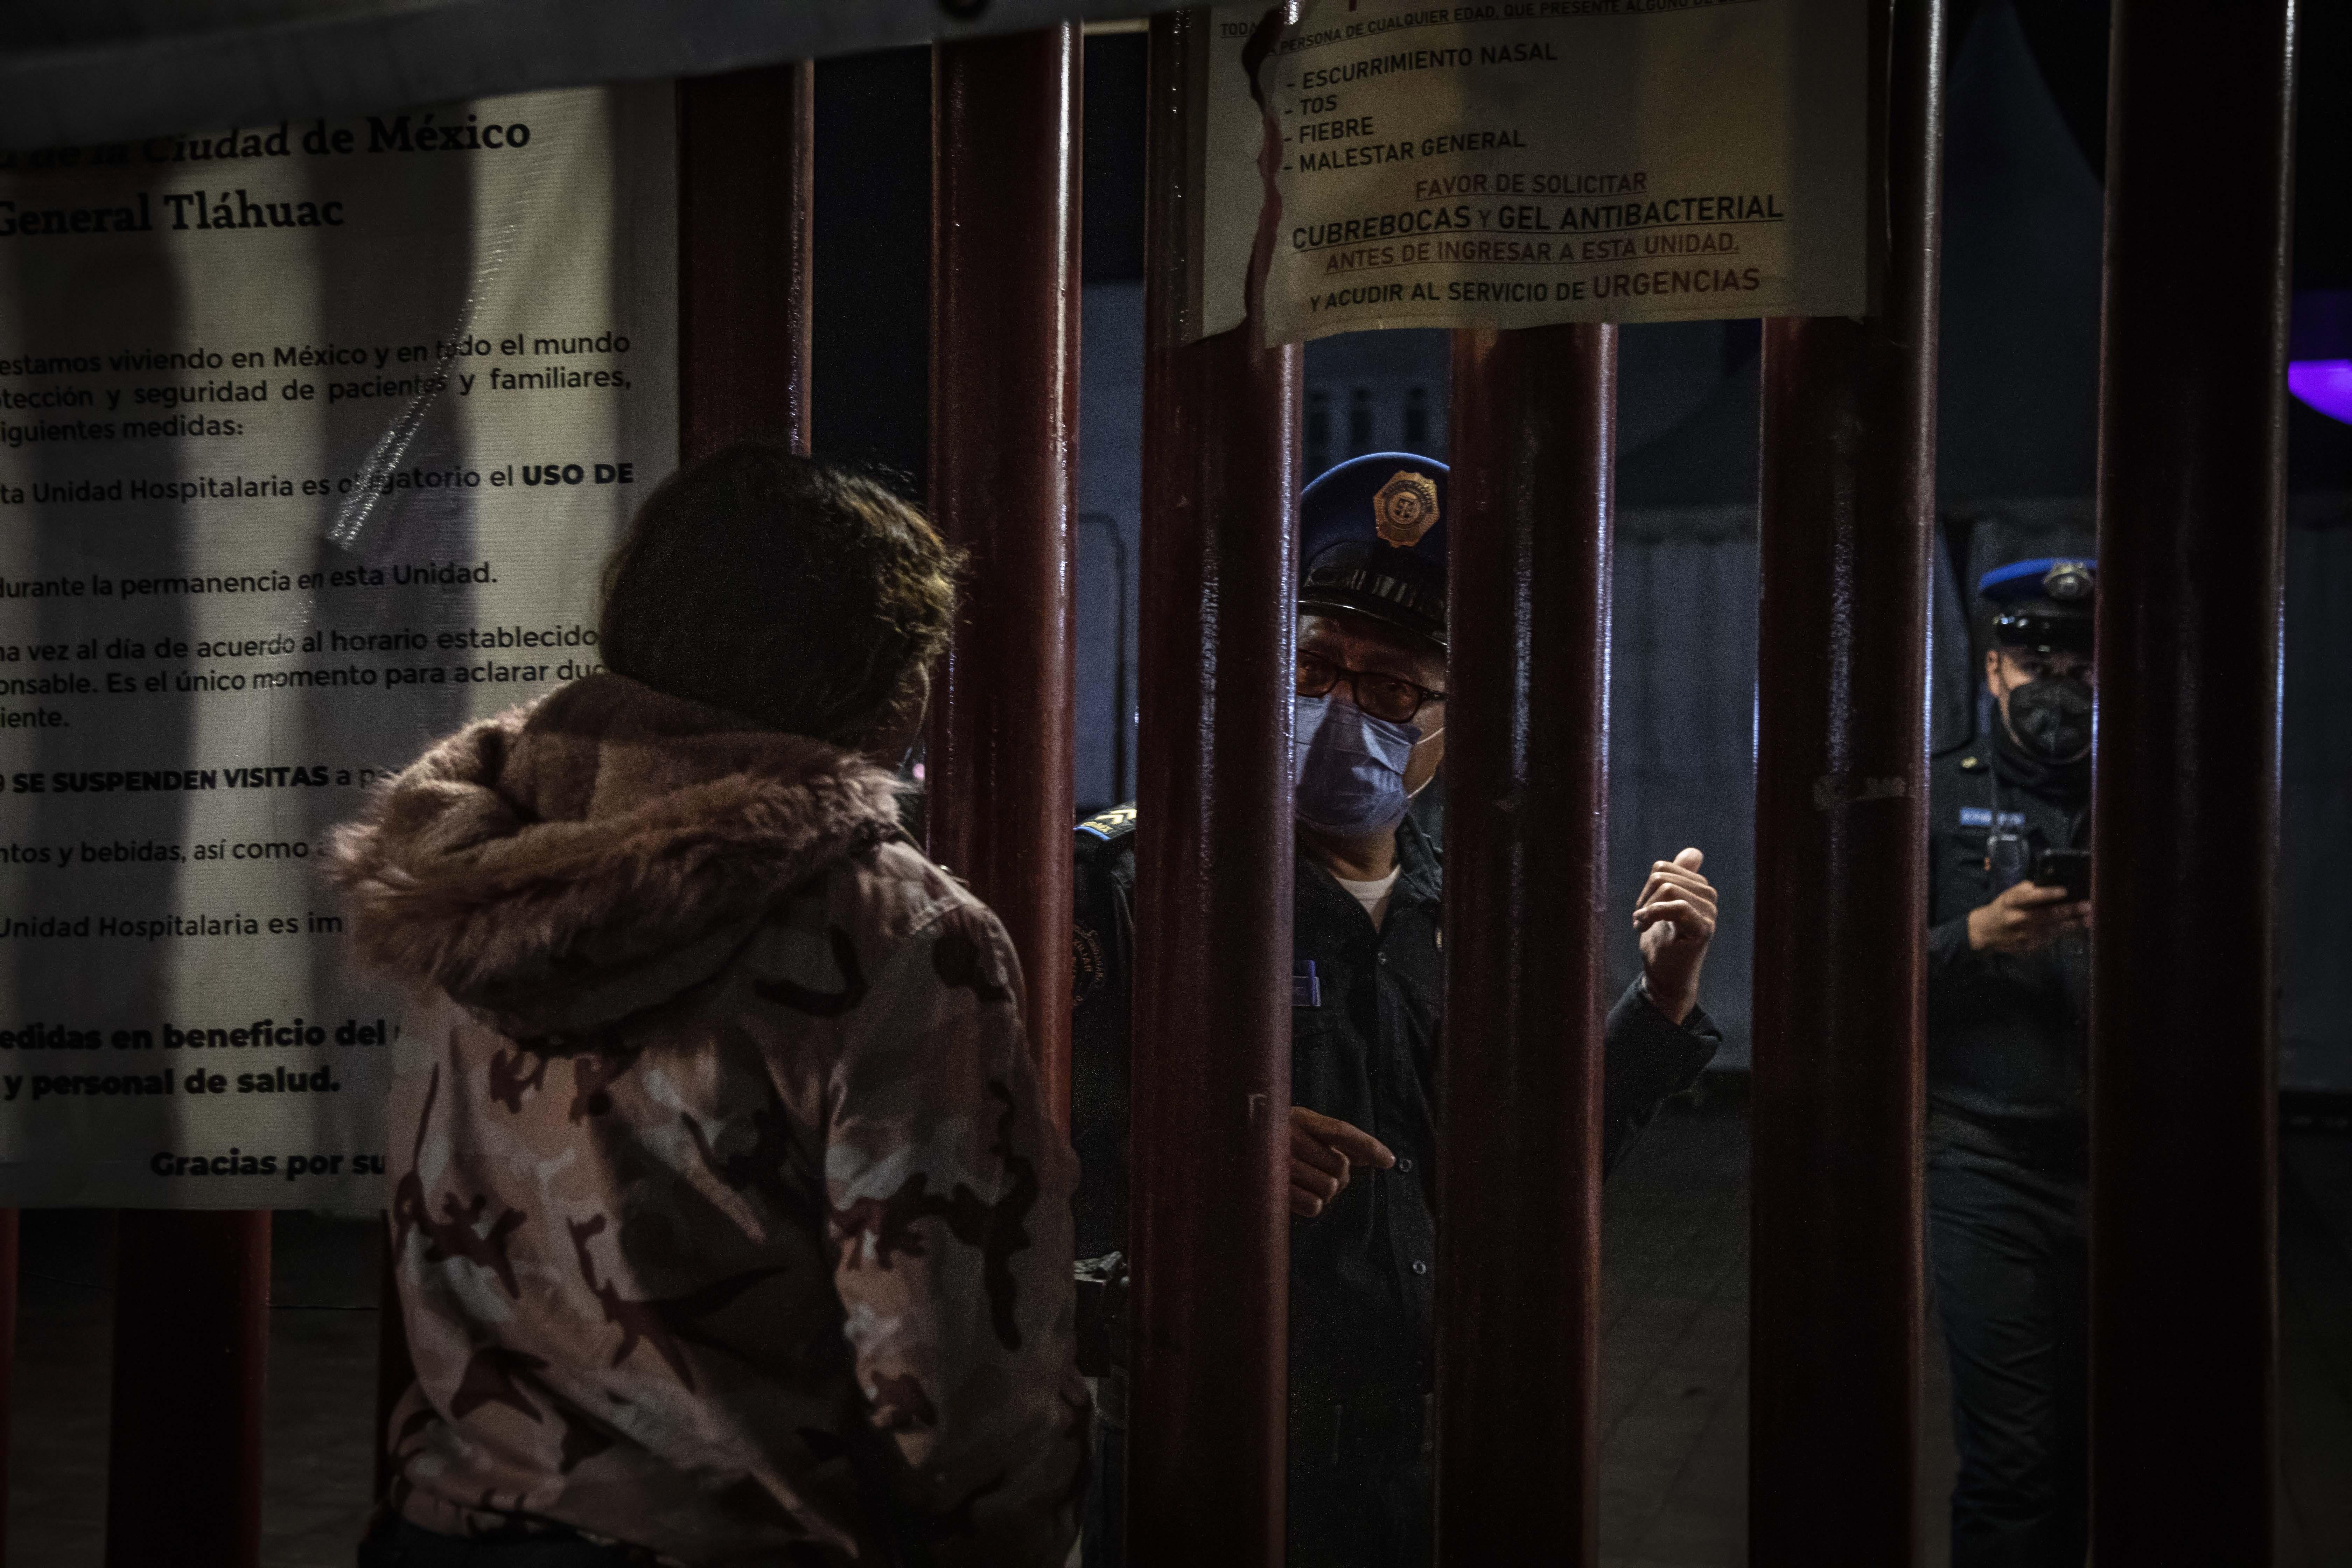 Familiares de víctimas del accidente de la línea 12 del metro de la Ciudad de México esperan información del estado de salud  de los lesionados en el Hospital General Tláhuac, la madrugada del 2 de mayo de 2020.